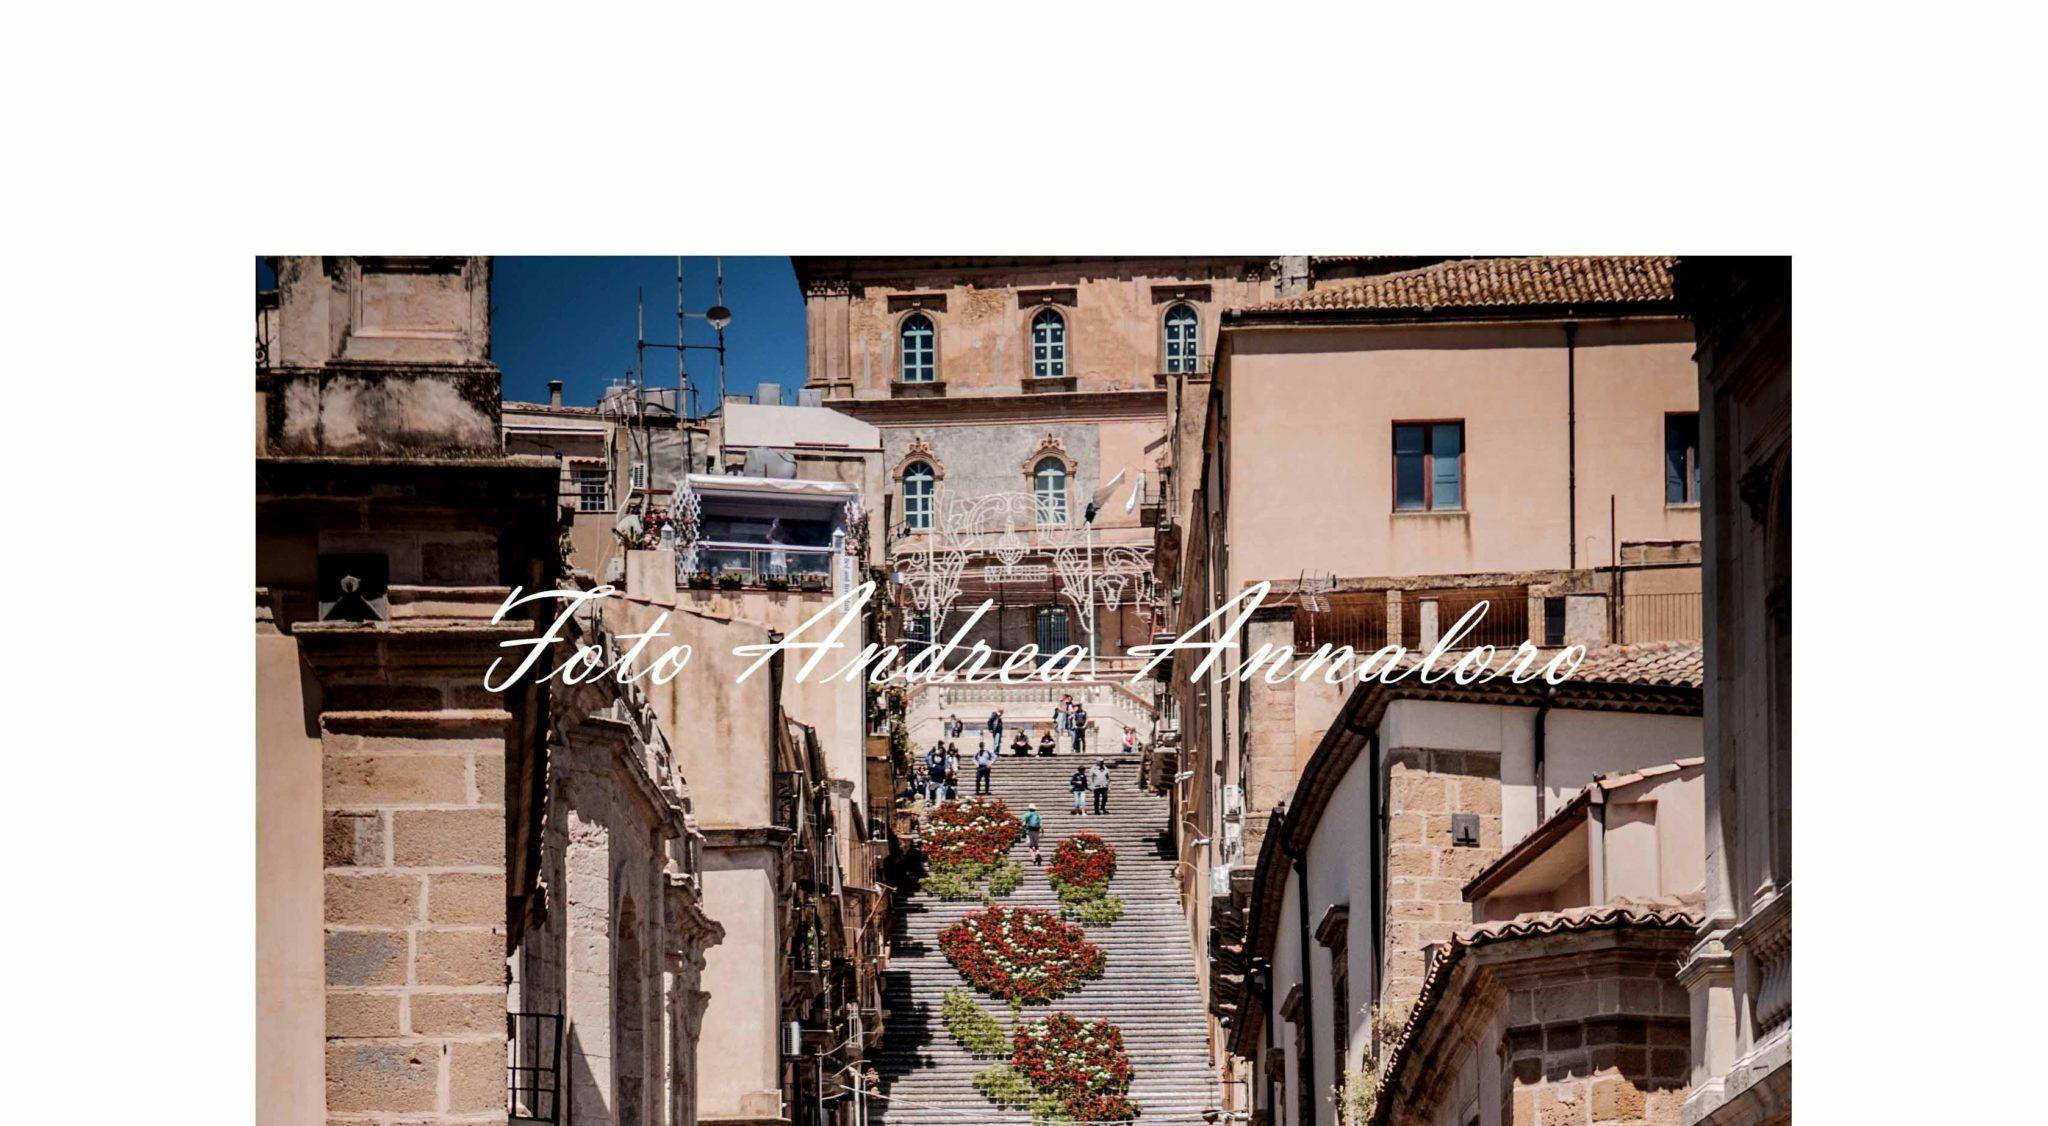 """La """"Scala Infiorata 2019"""" di Caltagirone allestita fino al 16 giugno"""